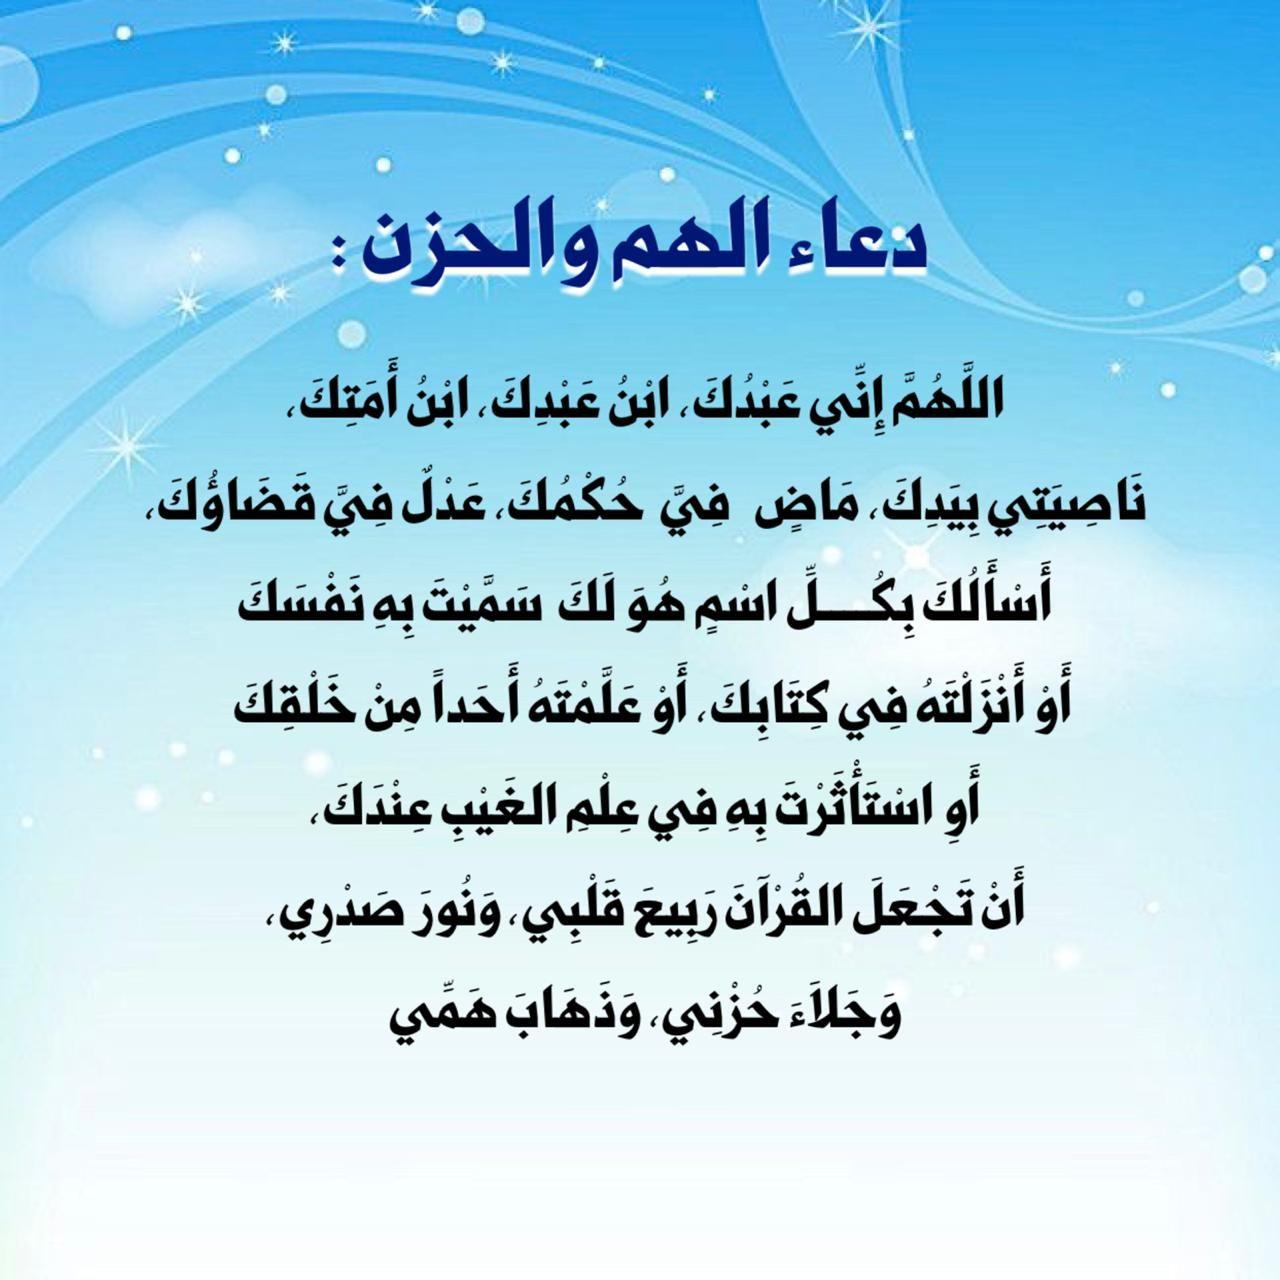 دعاء الهم والحزن Arabic Quotes Quotes God